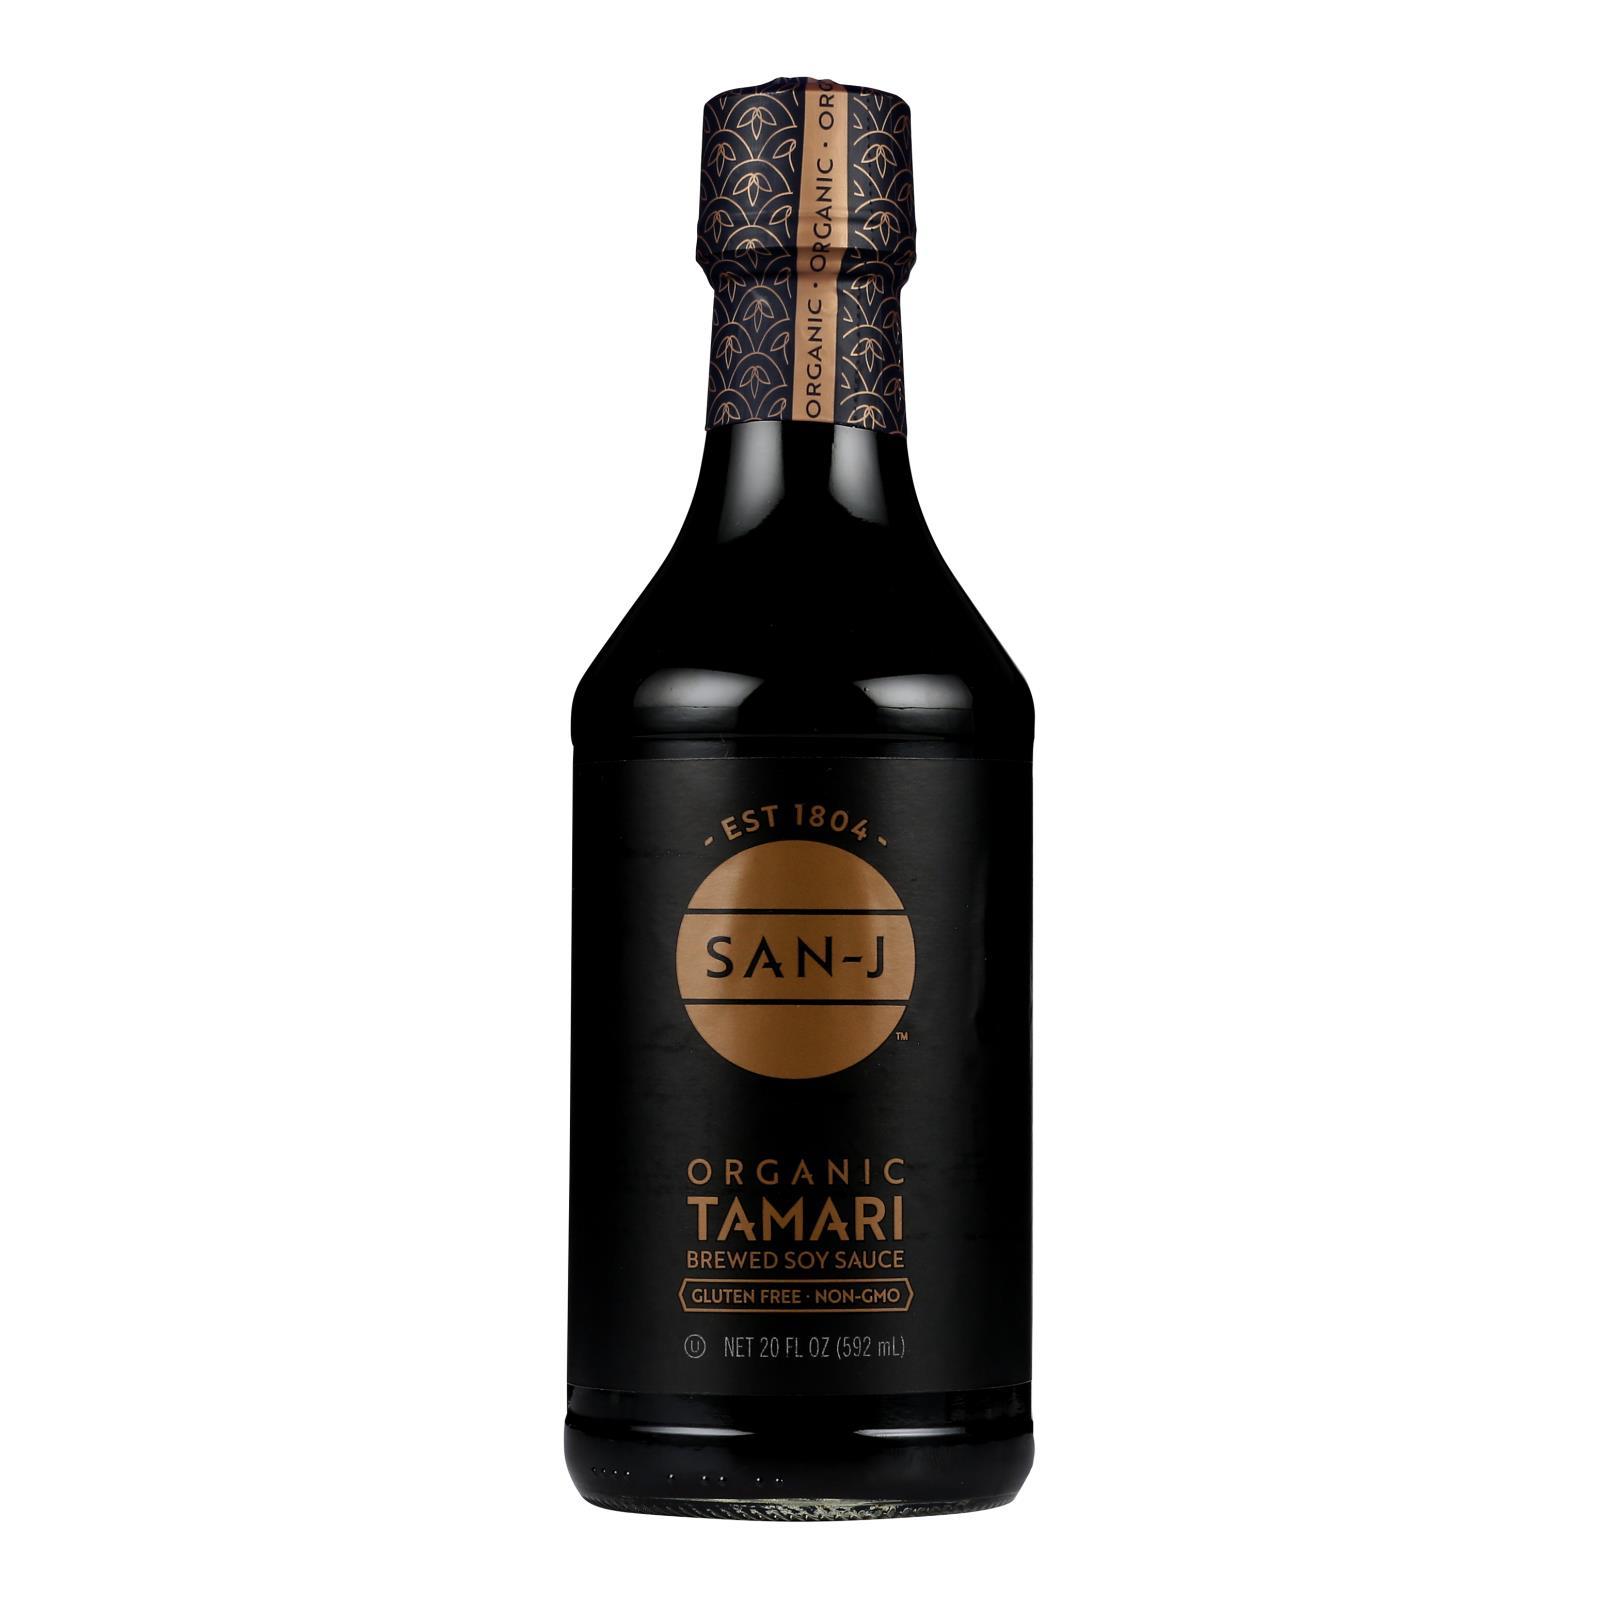 San - J Tamari Soy Sauce - Organic - Case of 6 - 20 Fl oz.